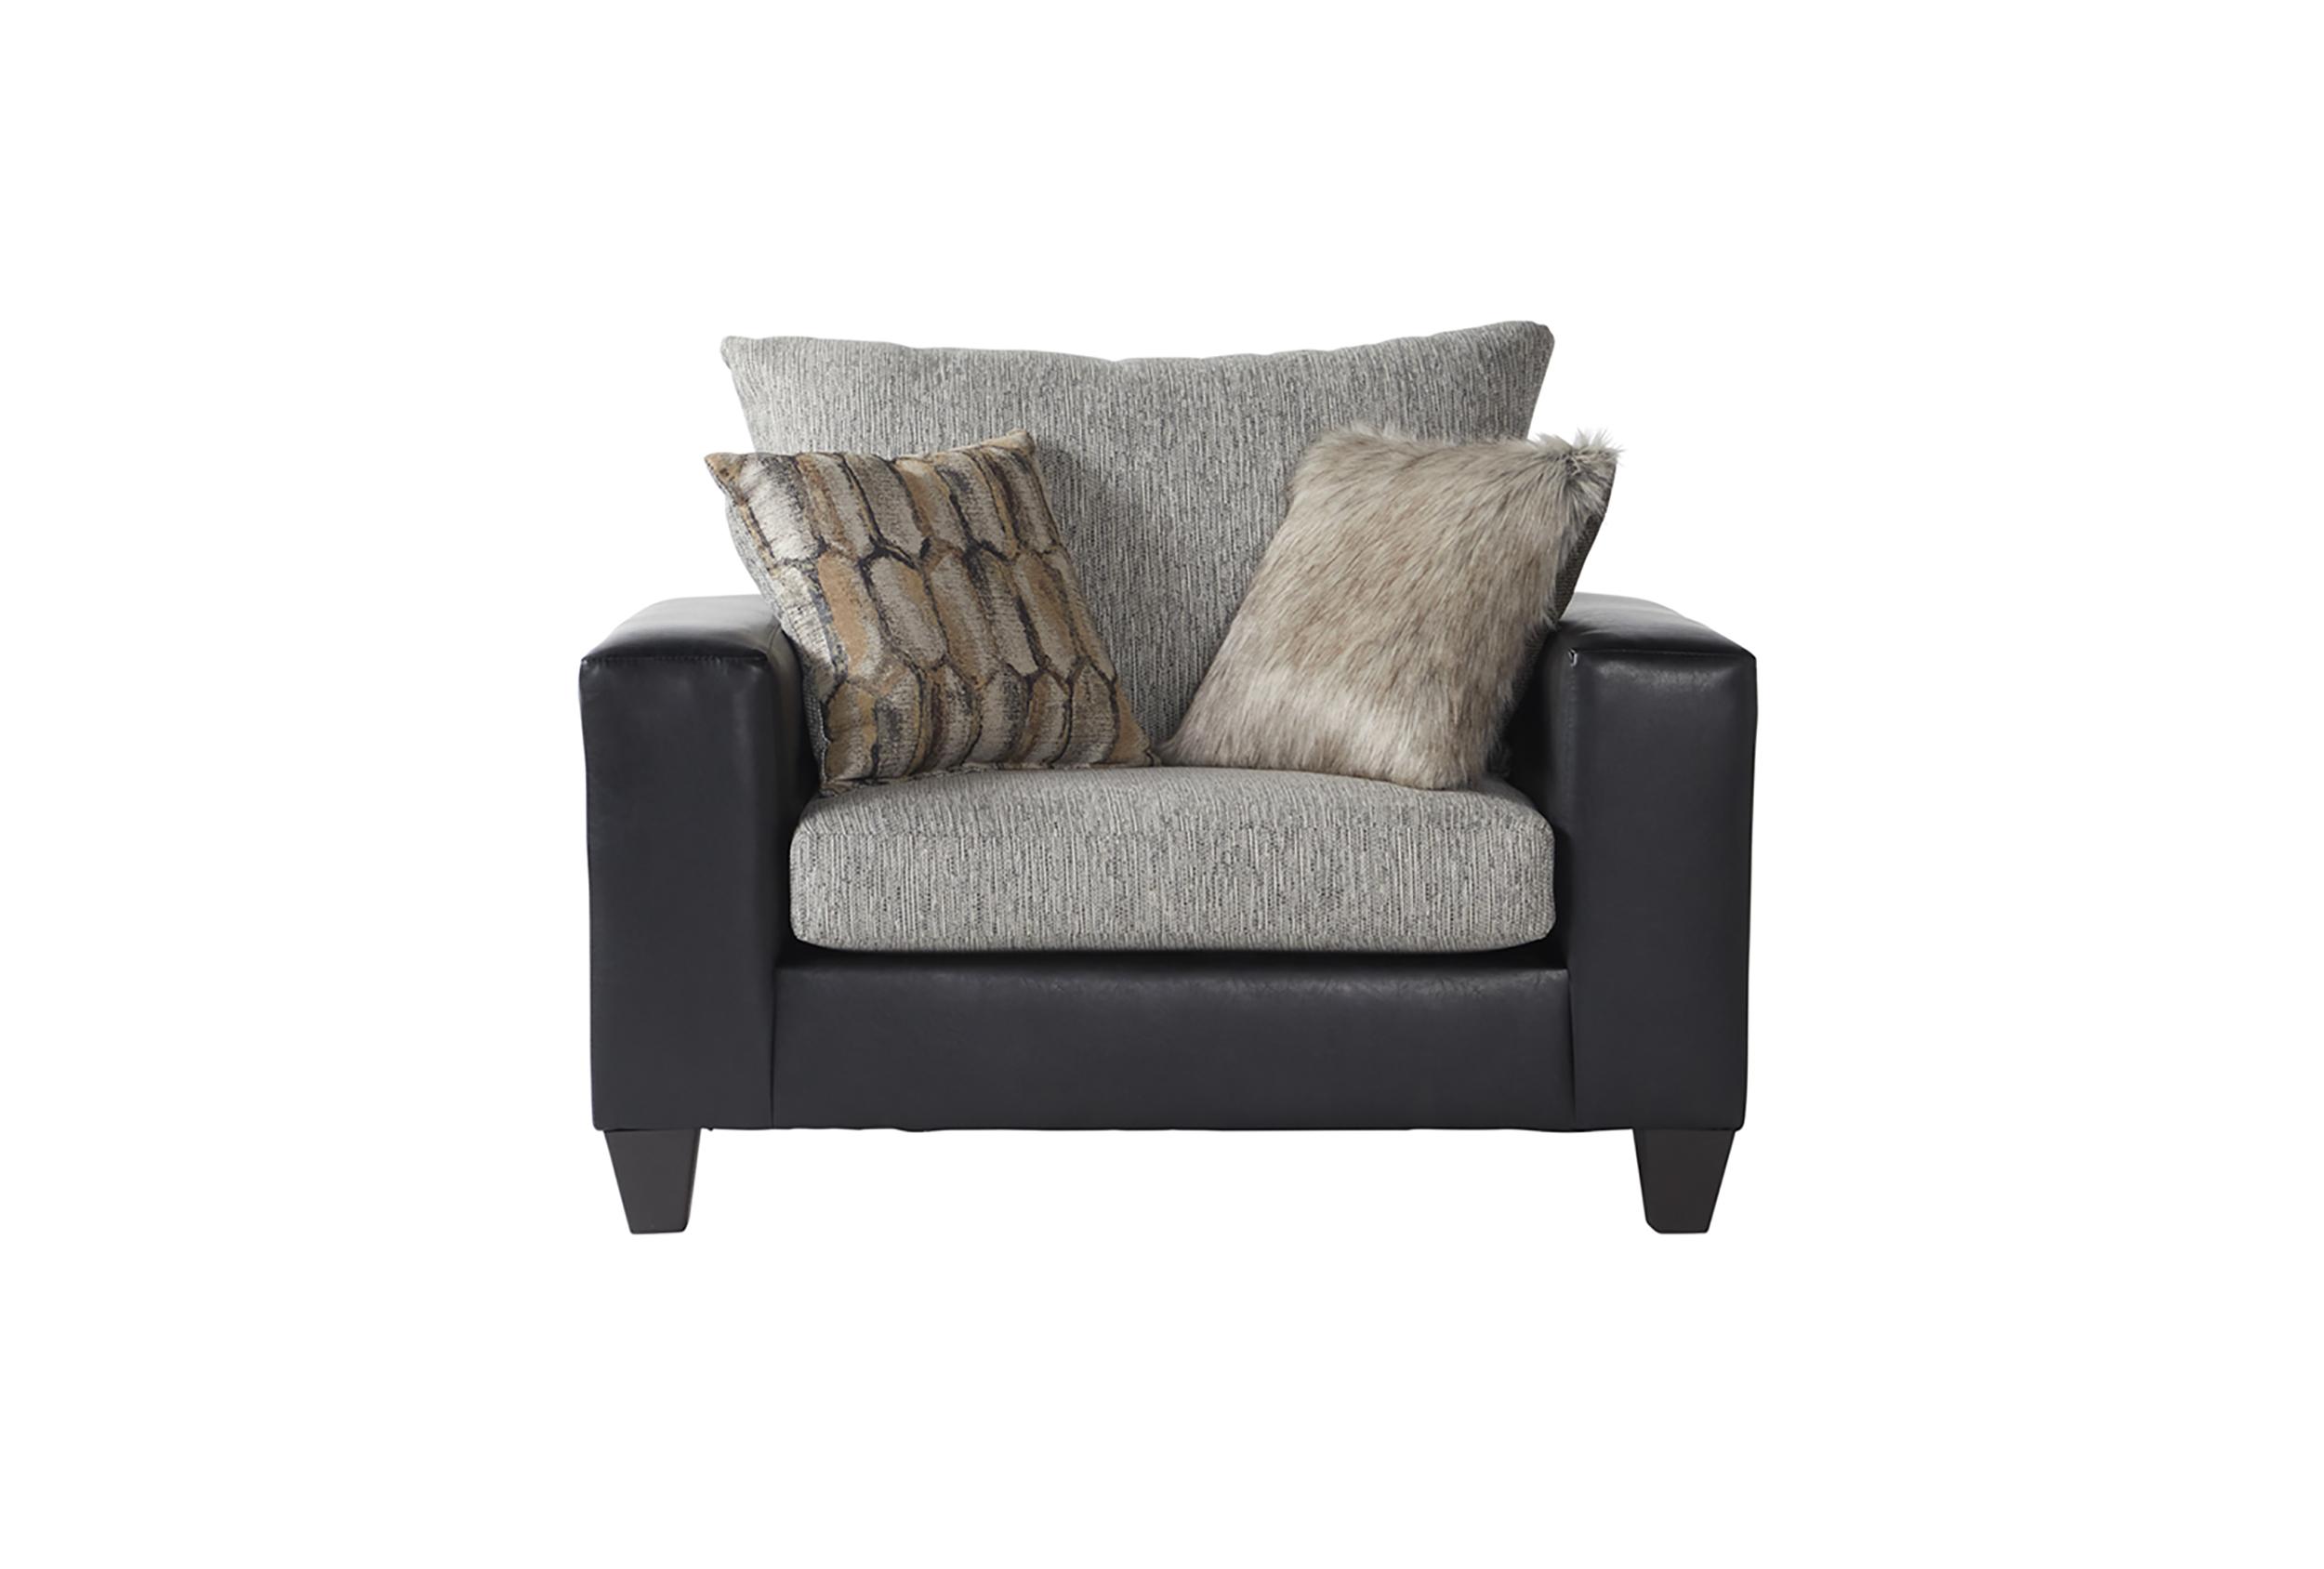 15325 Cuddle Chair